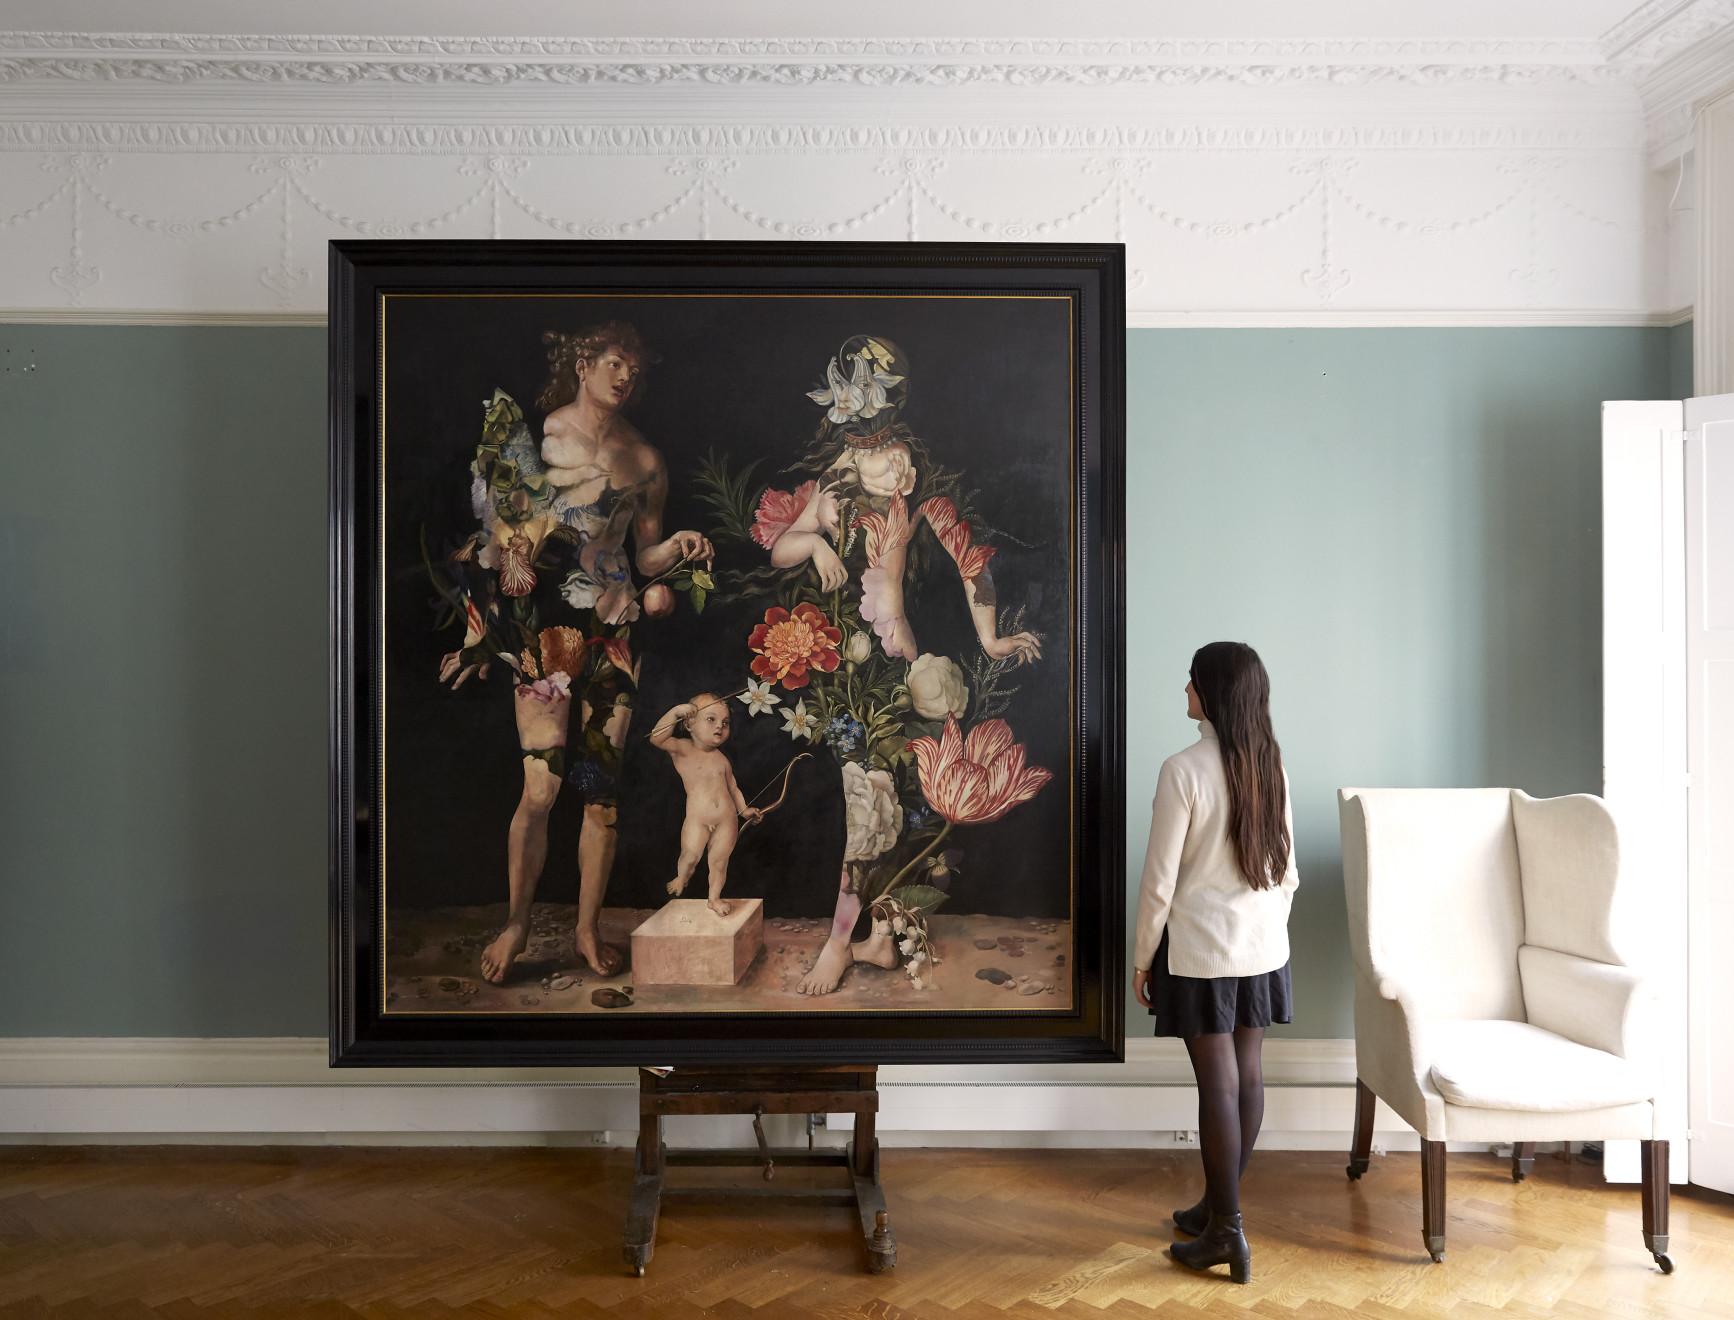 Wolfe von Lenkiewicz, Adam and Eve Installation